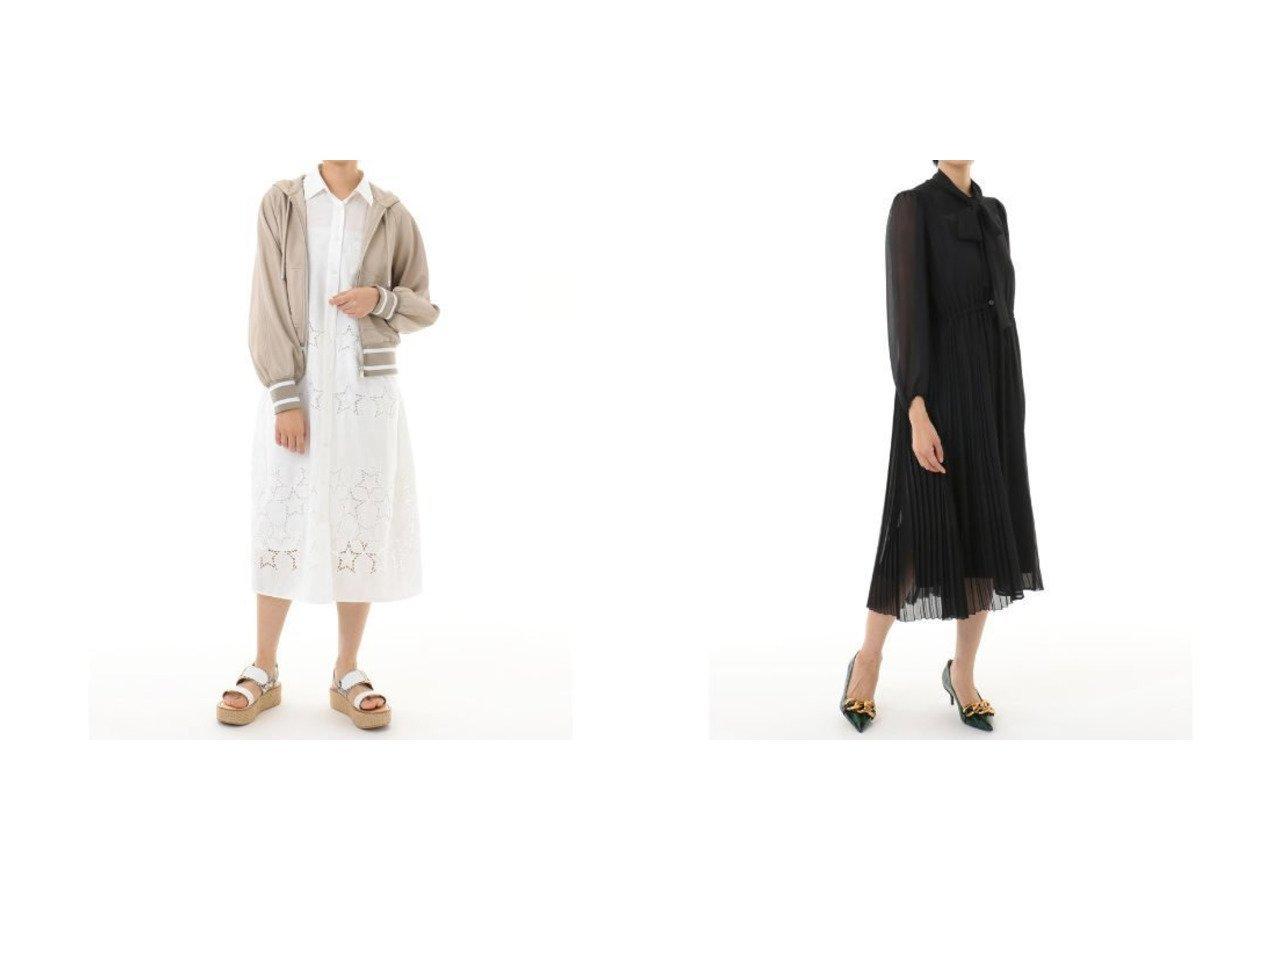 【GRACE CONTINENTAL/グレース コンチネンタル】のレザーパーカー&ボウタイプリーツドレス グレース コンチネンタルのおすすめ!人気、トレンド・レディースファッションの通販 おすすめで人気の流行・トレンド、ファッションの通販商品 メンズファッション・キッズファッション・インテリア・家具・レディースファッション・服の通販 founy(ファニー) https://founy.com/ ファッション Fashion レディースファッション WOMEN ワンピース Dress ドレス Party Dresses アウター Coat Outerwear ジャケット Jackets ブルゾン Blouson Jackets クラシカル シアー シャーリング スリーブ ドレス バランス フェミニン フォーマル プリーツ ヨーク レース ロング ジャケット ジャージ ダウン デニム パーカー ブルゾン ボンディング ミックス ワイド 春 Spring |ID:crp329100000022032